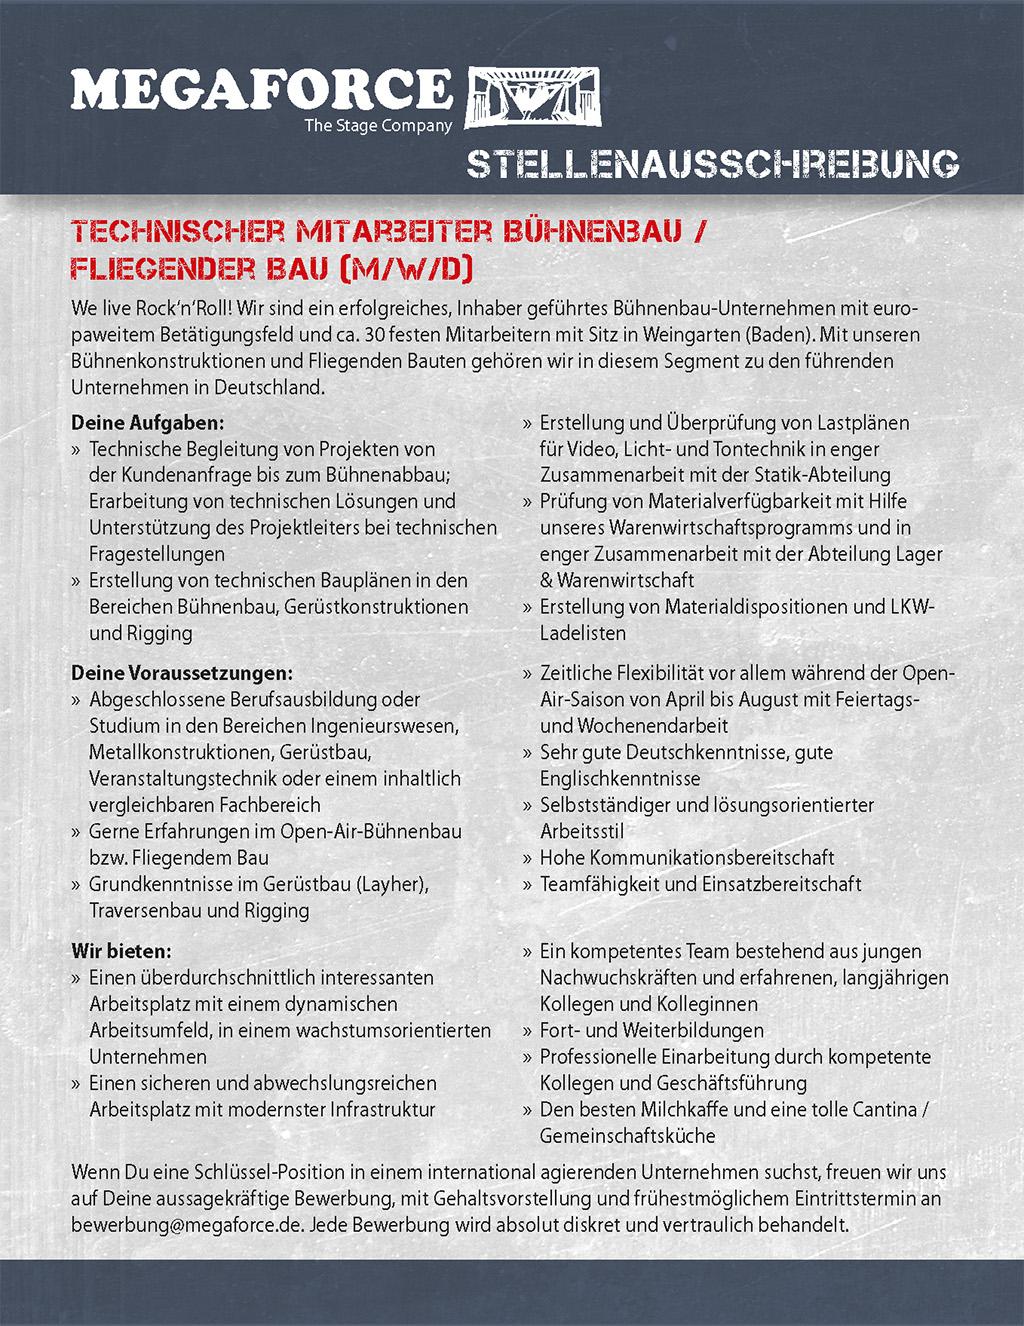 Stellenanzeige Megaforce Technischer Mitarbeiter Bühne